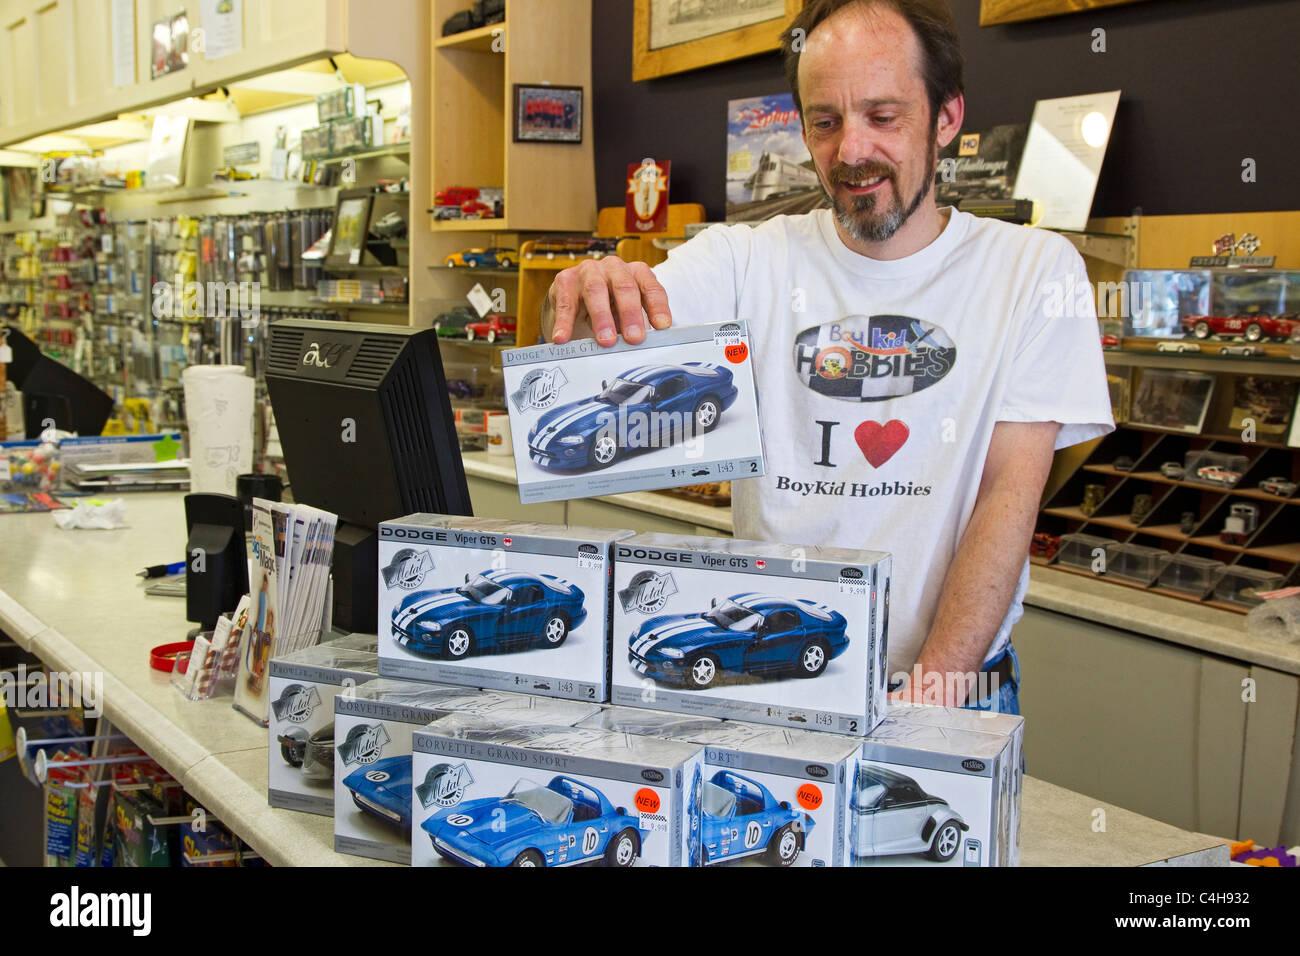 Hobby empleado de tienda modelo de coche de apilamiento de cajas en almacenar counter Imagen De Stock